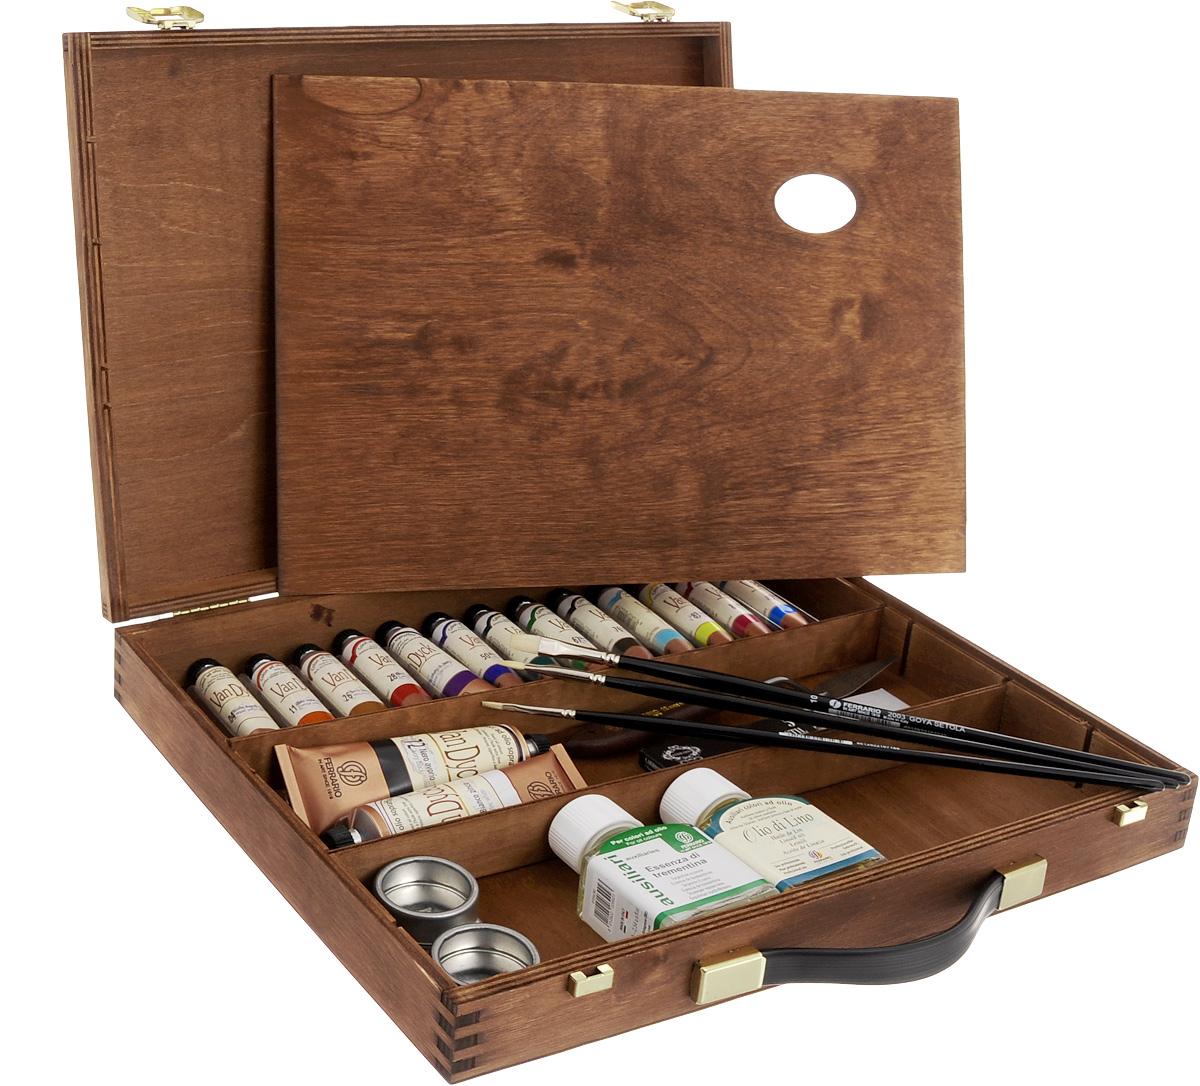 Набор масляных красок Ferrario Van Dyck, в деревянном кейсе, 24 предметаAV1122COНабор Ferrario Van Dyck включает 15 тюбиков масляных красок разных цветов, флакон с льняным маслом и флакон с разбавителем (эссенция терпентина), двойную металлическую масленку, деревянную палитру, 3 кисти №6, № 2, №10, мастихин, набор углей для рисования. Для хранения предметов набора предусмотрен деревянный кейс. Масляные краски рекомендуется использовать на холсте, картоне, бумаге и дереве. Основой масляных красок служат натуральные пигменты и хороший связующий материал, что создает удивительную чистоту цветов и оттенков, которая не теряется даже при смешивании. Краски обладают отличной светостойкостью, имеют повышенное содержание и отличное качество натуральных и синтетических пигментов. Такой набор станет замечательным подарком для художника. Объем красок: 20 мл. Объем белой и черной красок: 60 мл. Длина кистей: 29,5 см, 30 см, 30,5 см. Объем растворителя и масла: 75 мл. Длина мастихина: 21 см. Размер рабочей части...